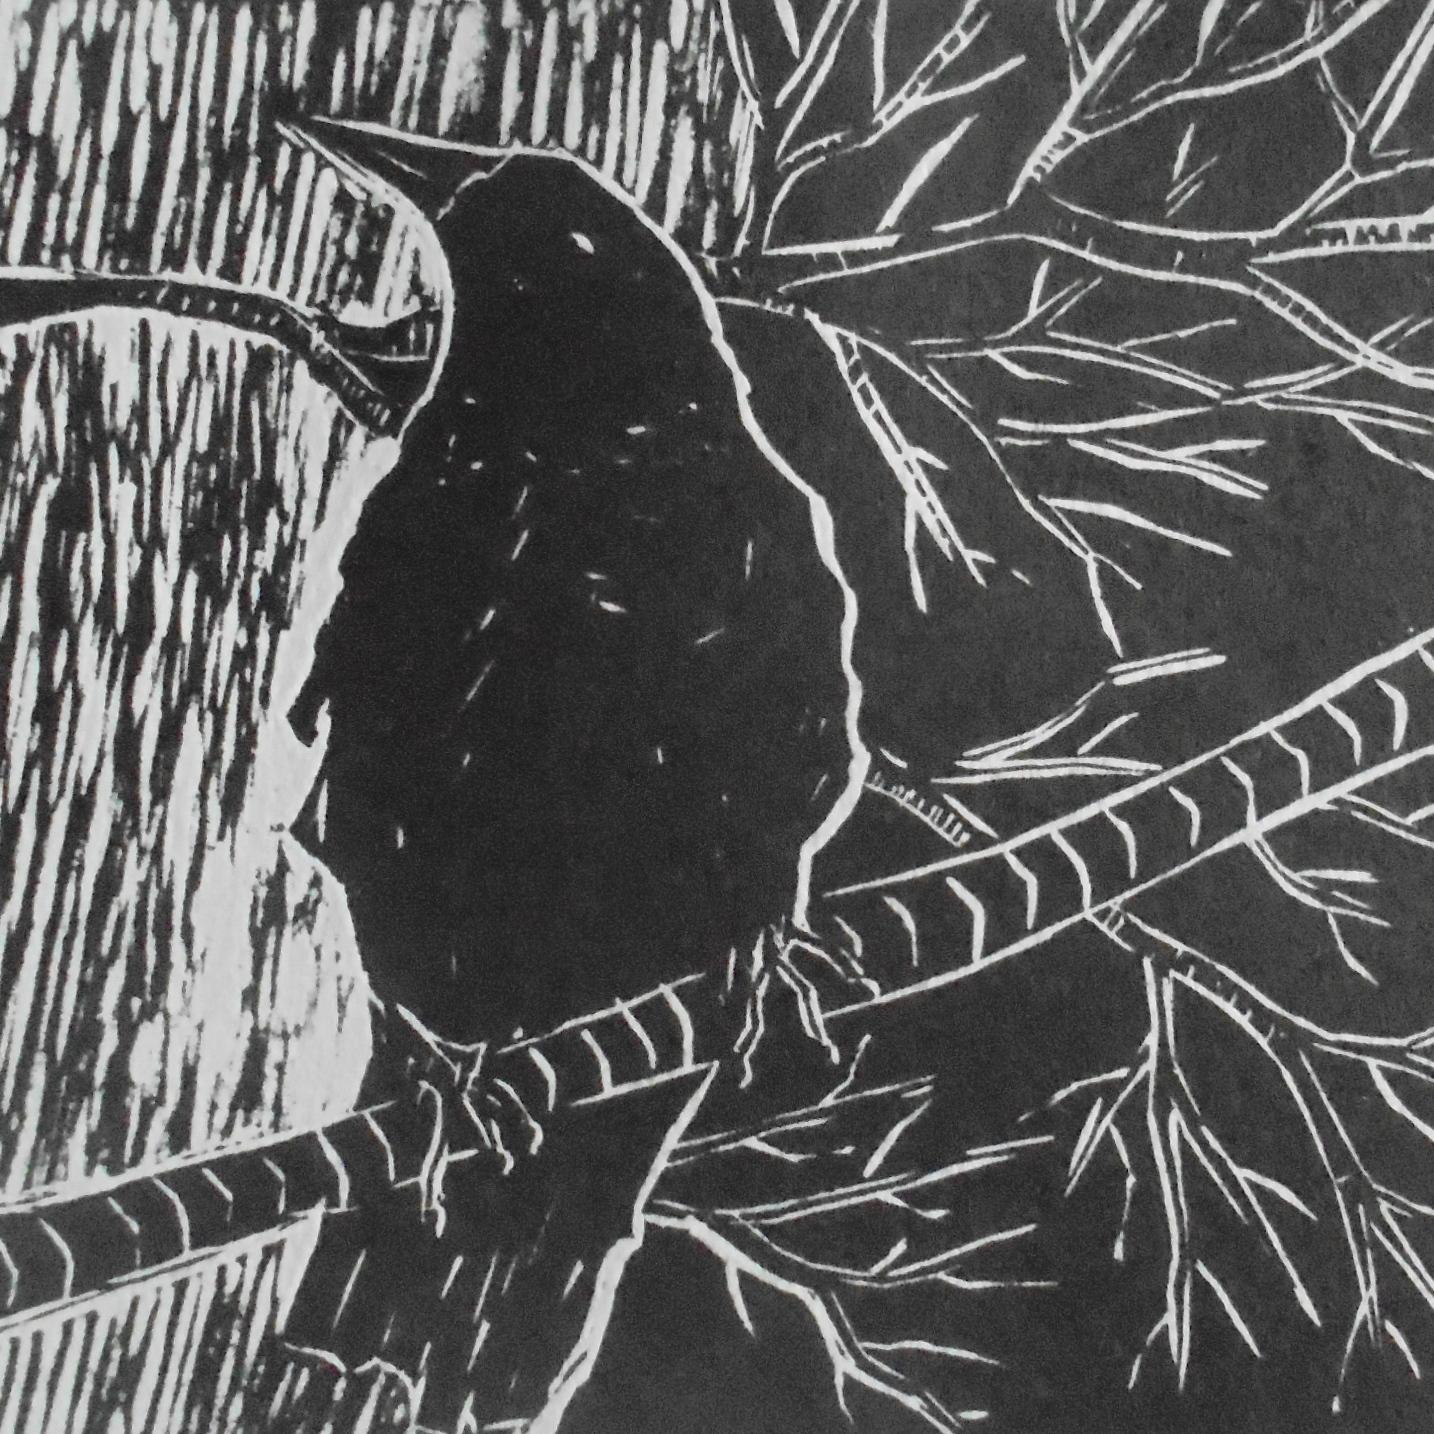 A single crow